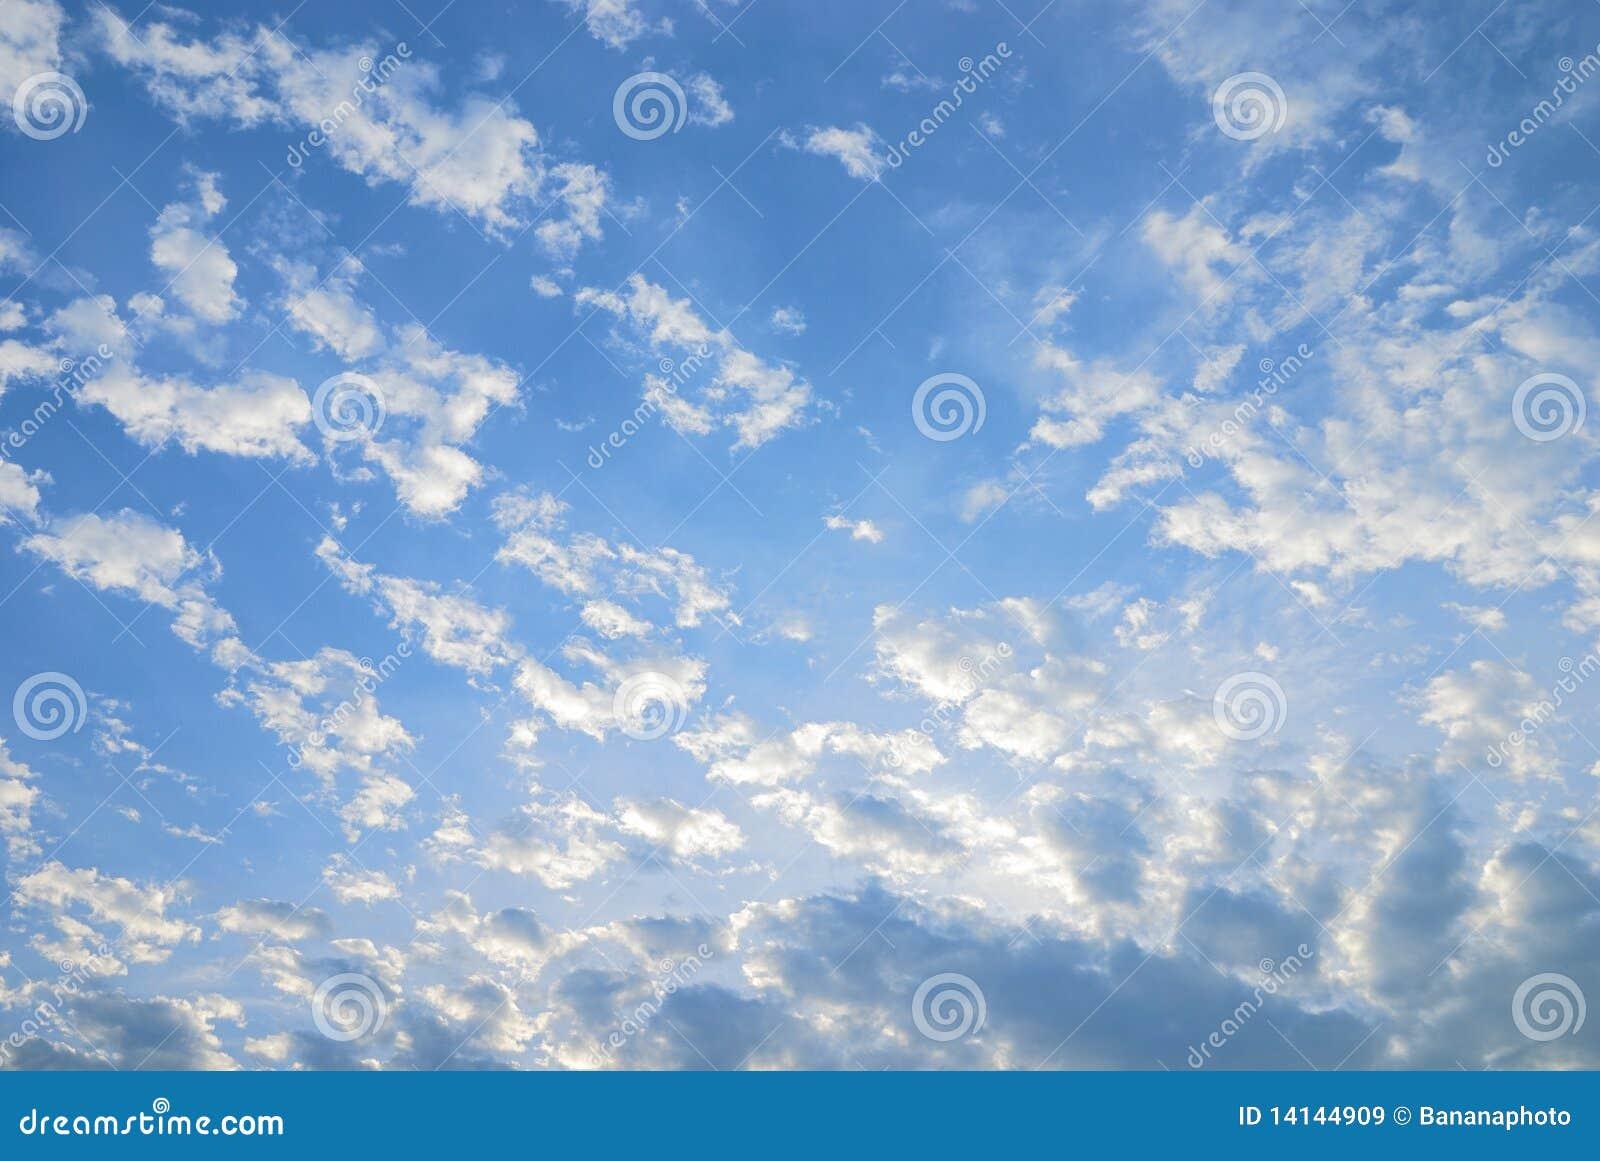 Aclare el cielo